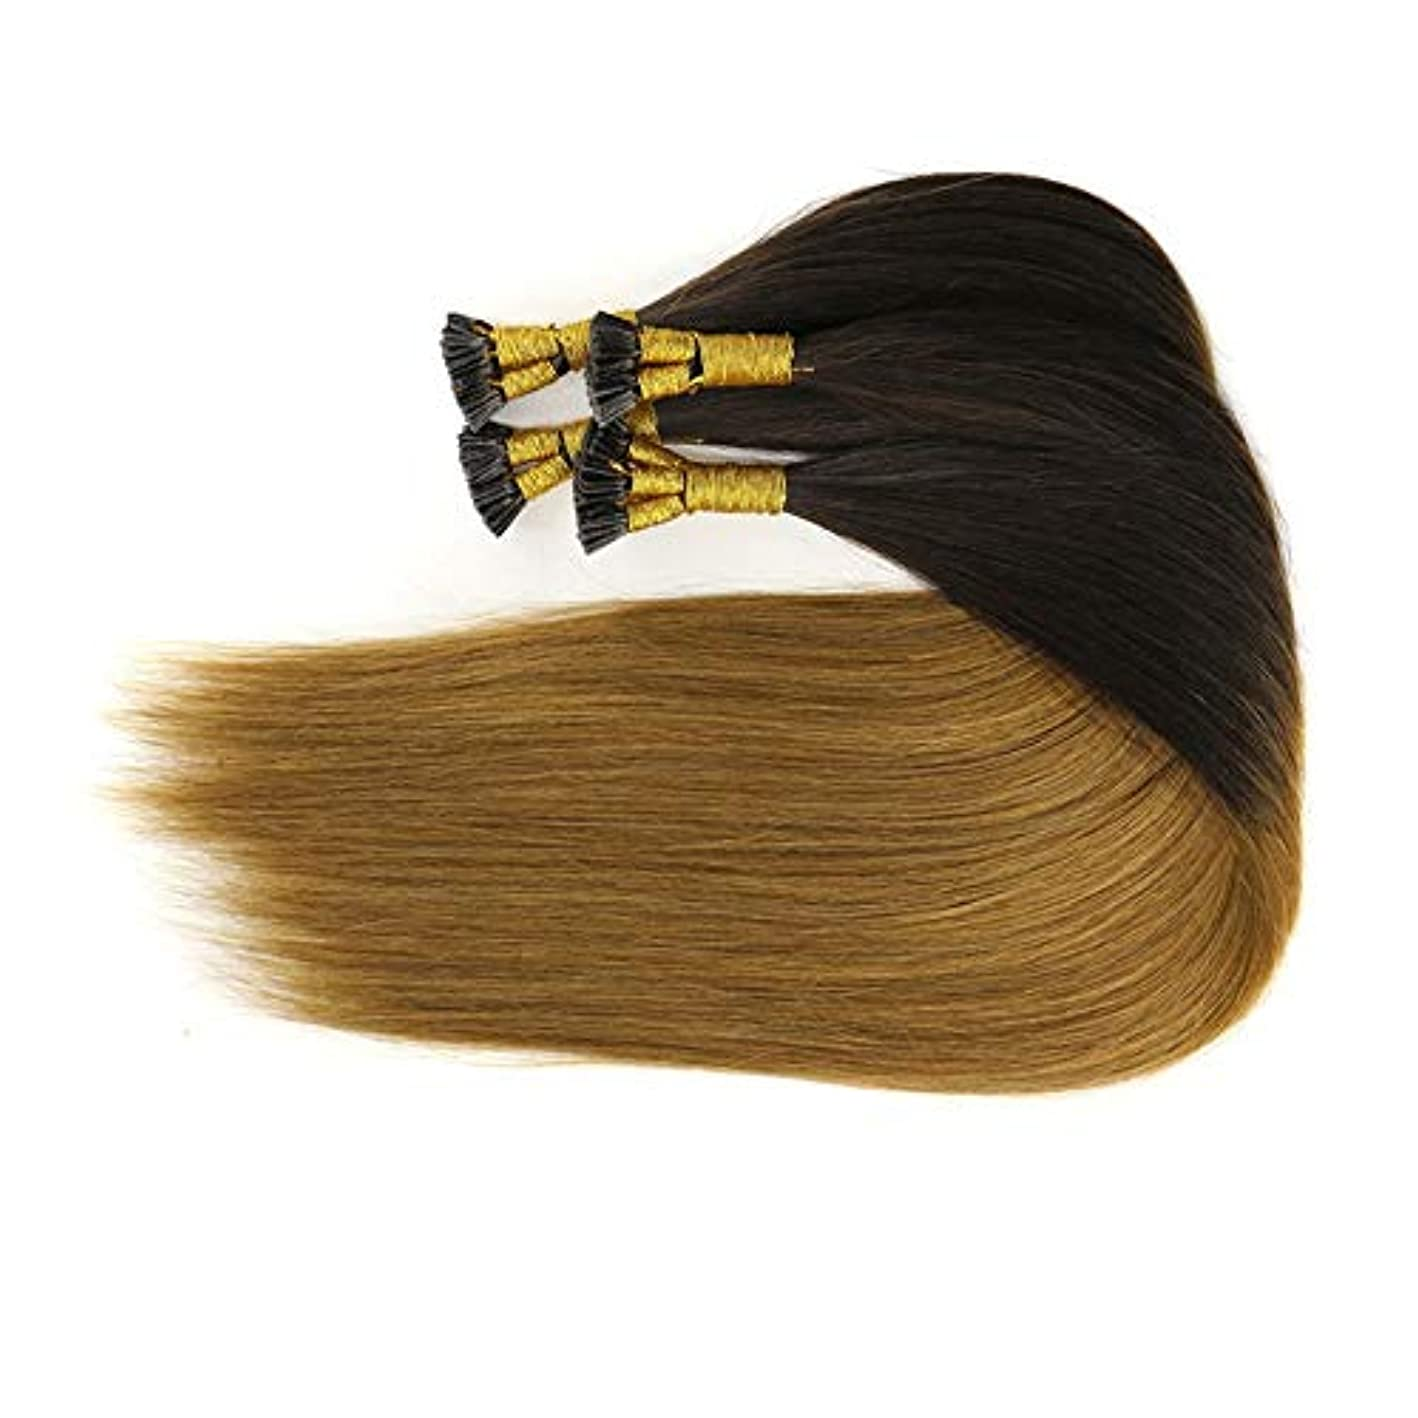 ヒップ絶対に誘惑するWASAIO ヘアエクステンションクリップUnseamed髪型オンブルブラウンサワー根ざしたブラジルの人間レミーヘアエクステンションナノリングヘアエクステンション (色 : ブラウン, サイズ : 16 inch)